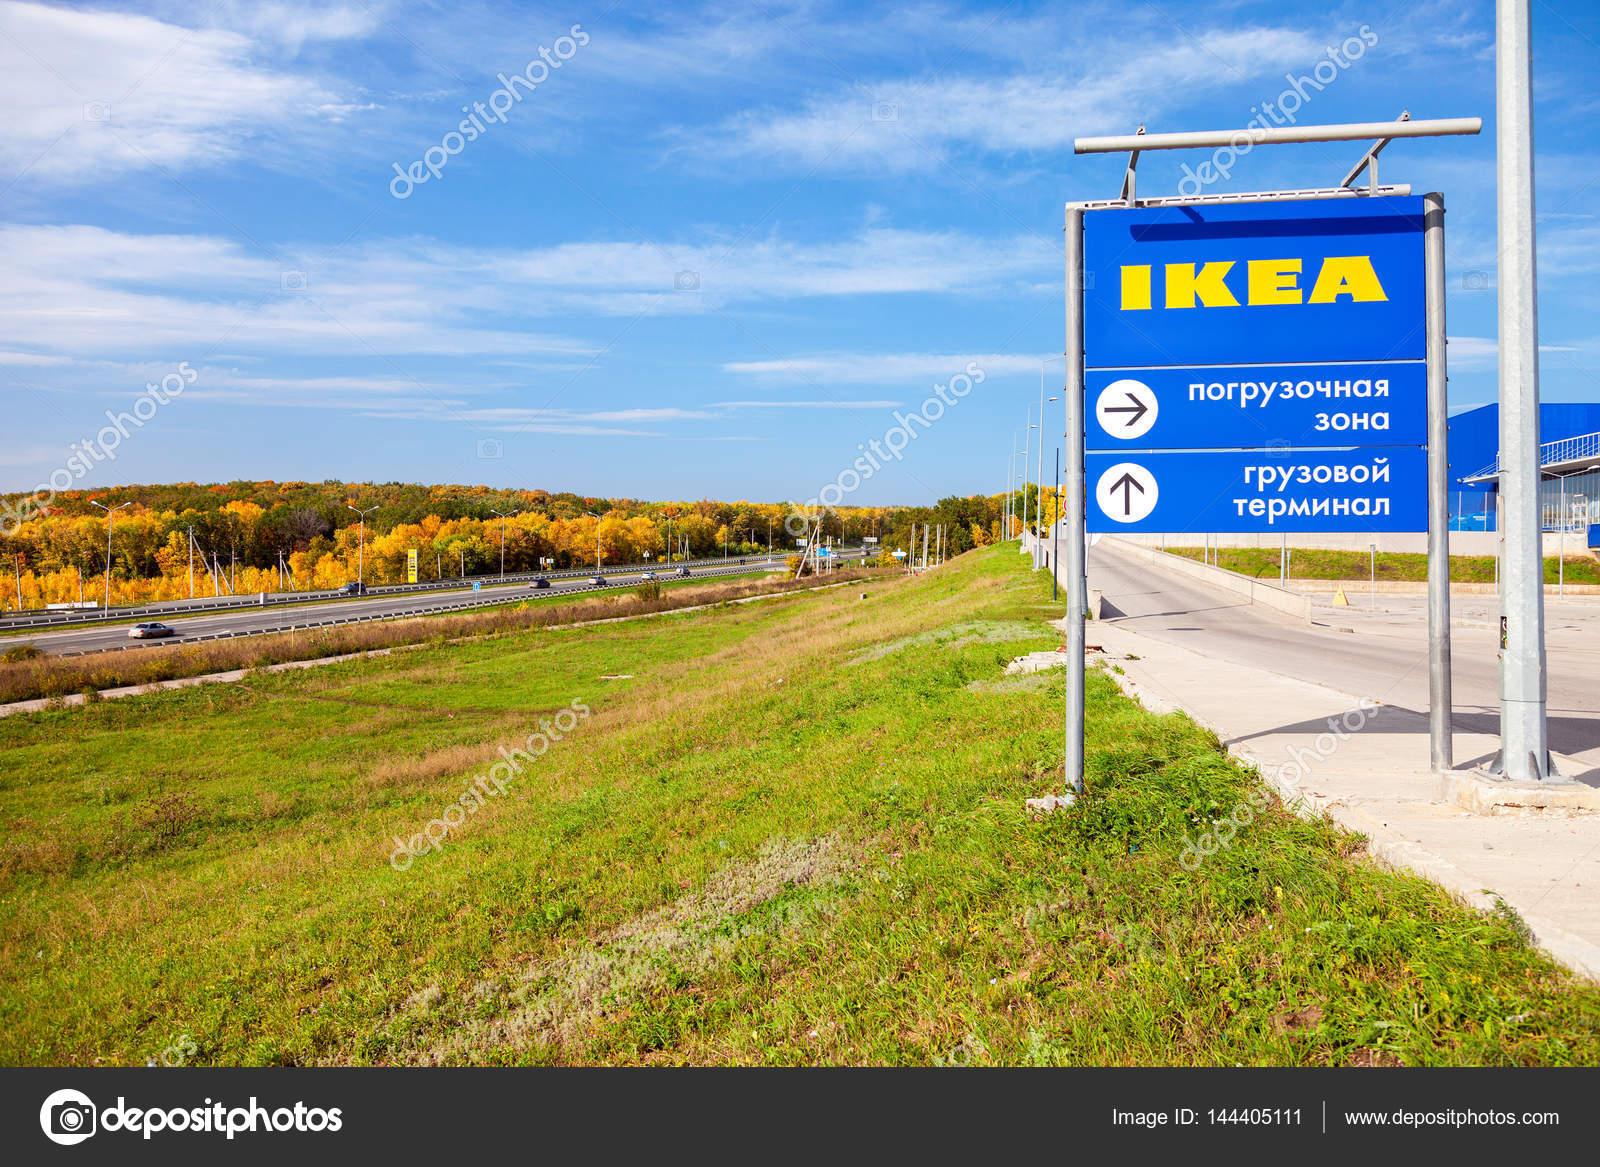 информационный знак самара магазин Ikea в осенний солнечный день